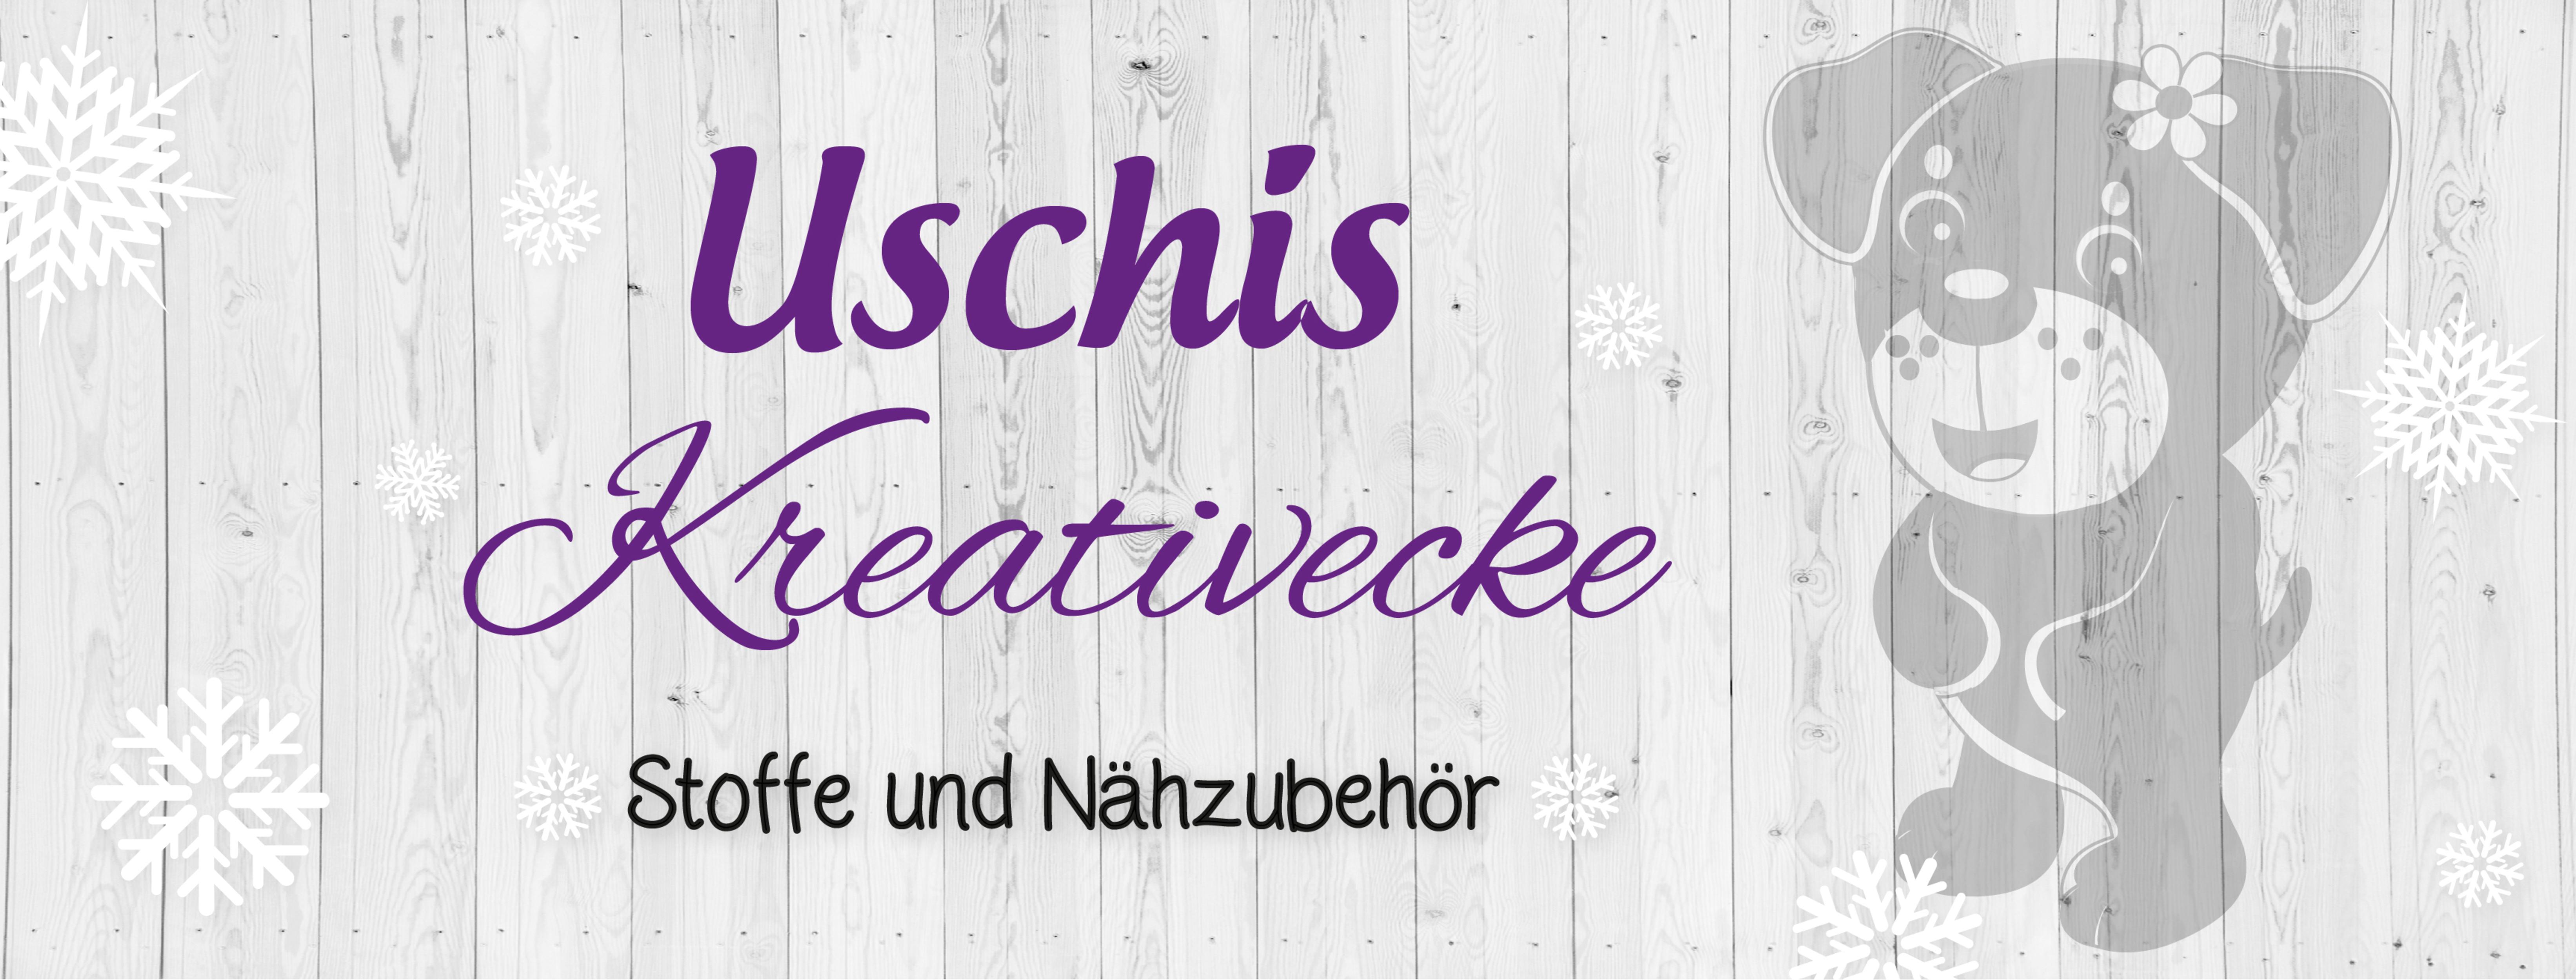 Uschiskreativecke-Logo